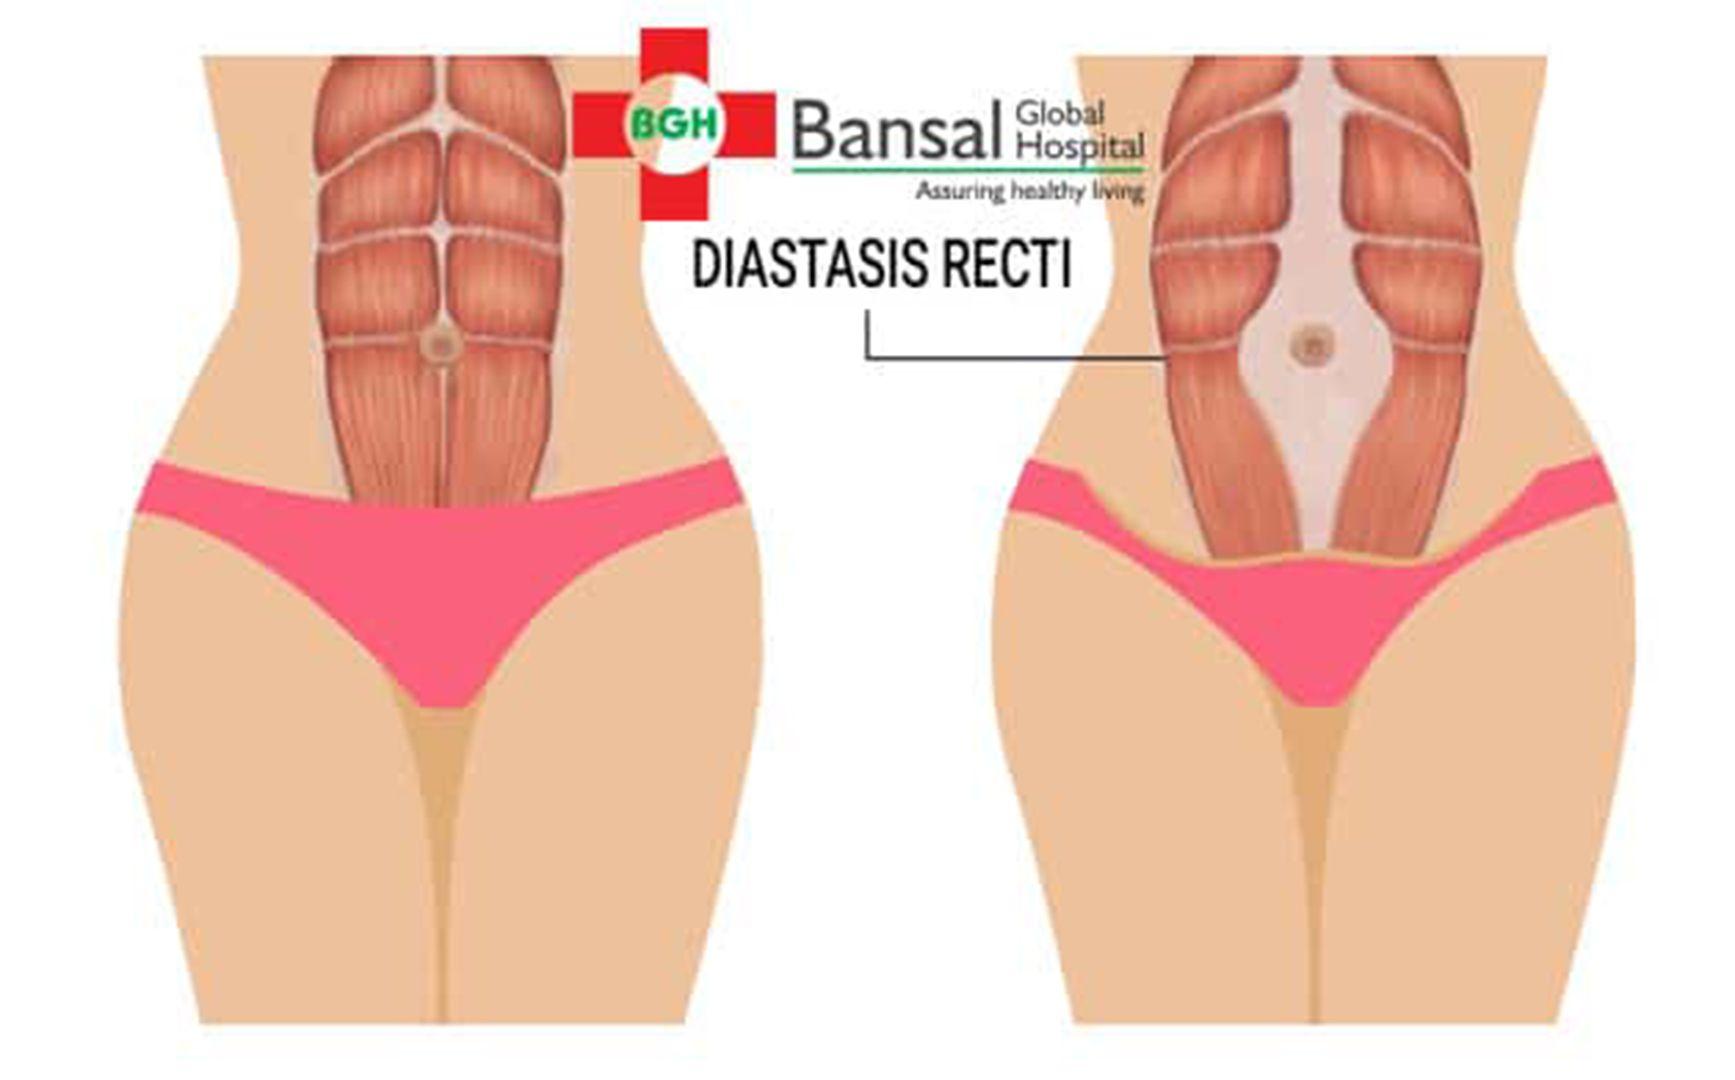 Diastasis Recti Treatment | Diastasis Recti Treatment in India